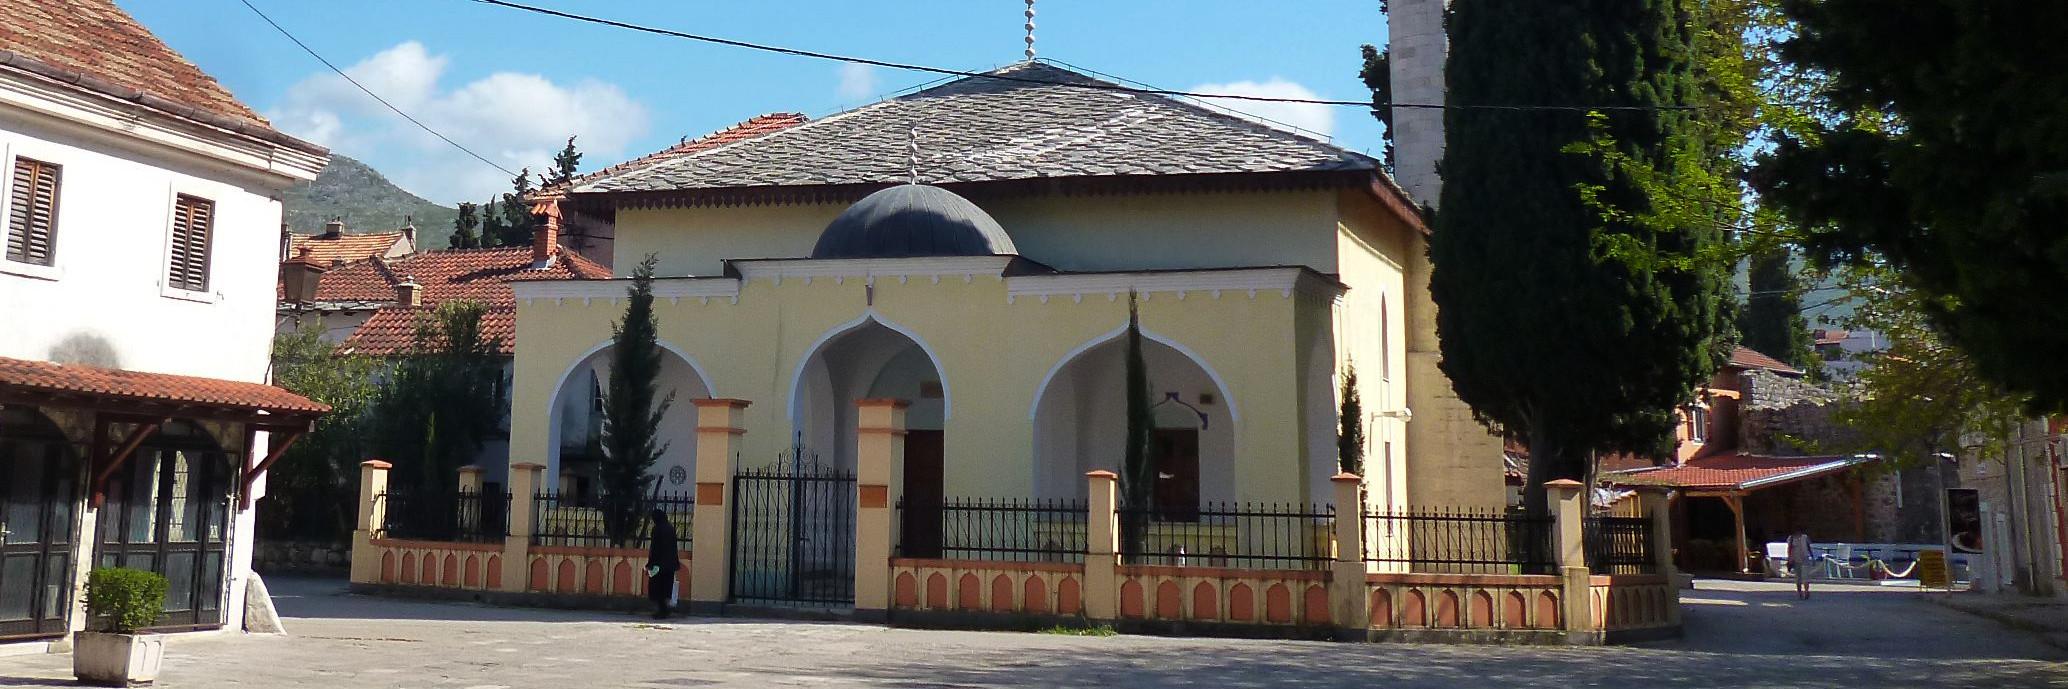 Мечеть Османа-паши. Фото: Елена Арсениевич, CC BY-SA 3.0